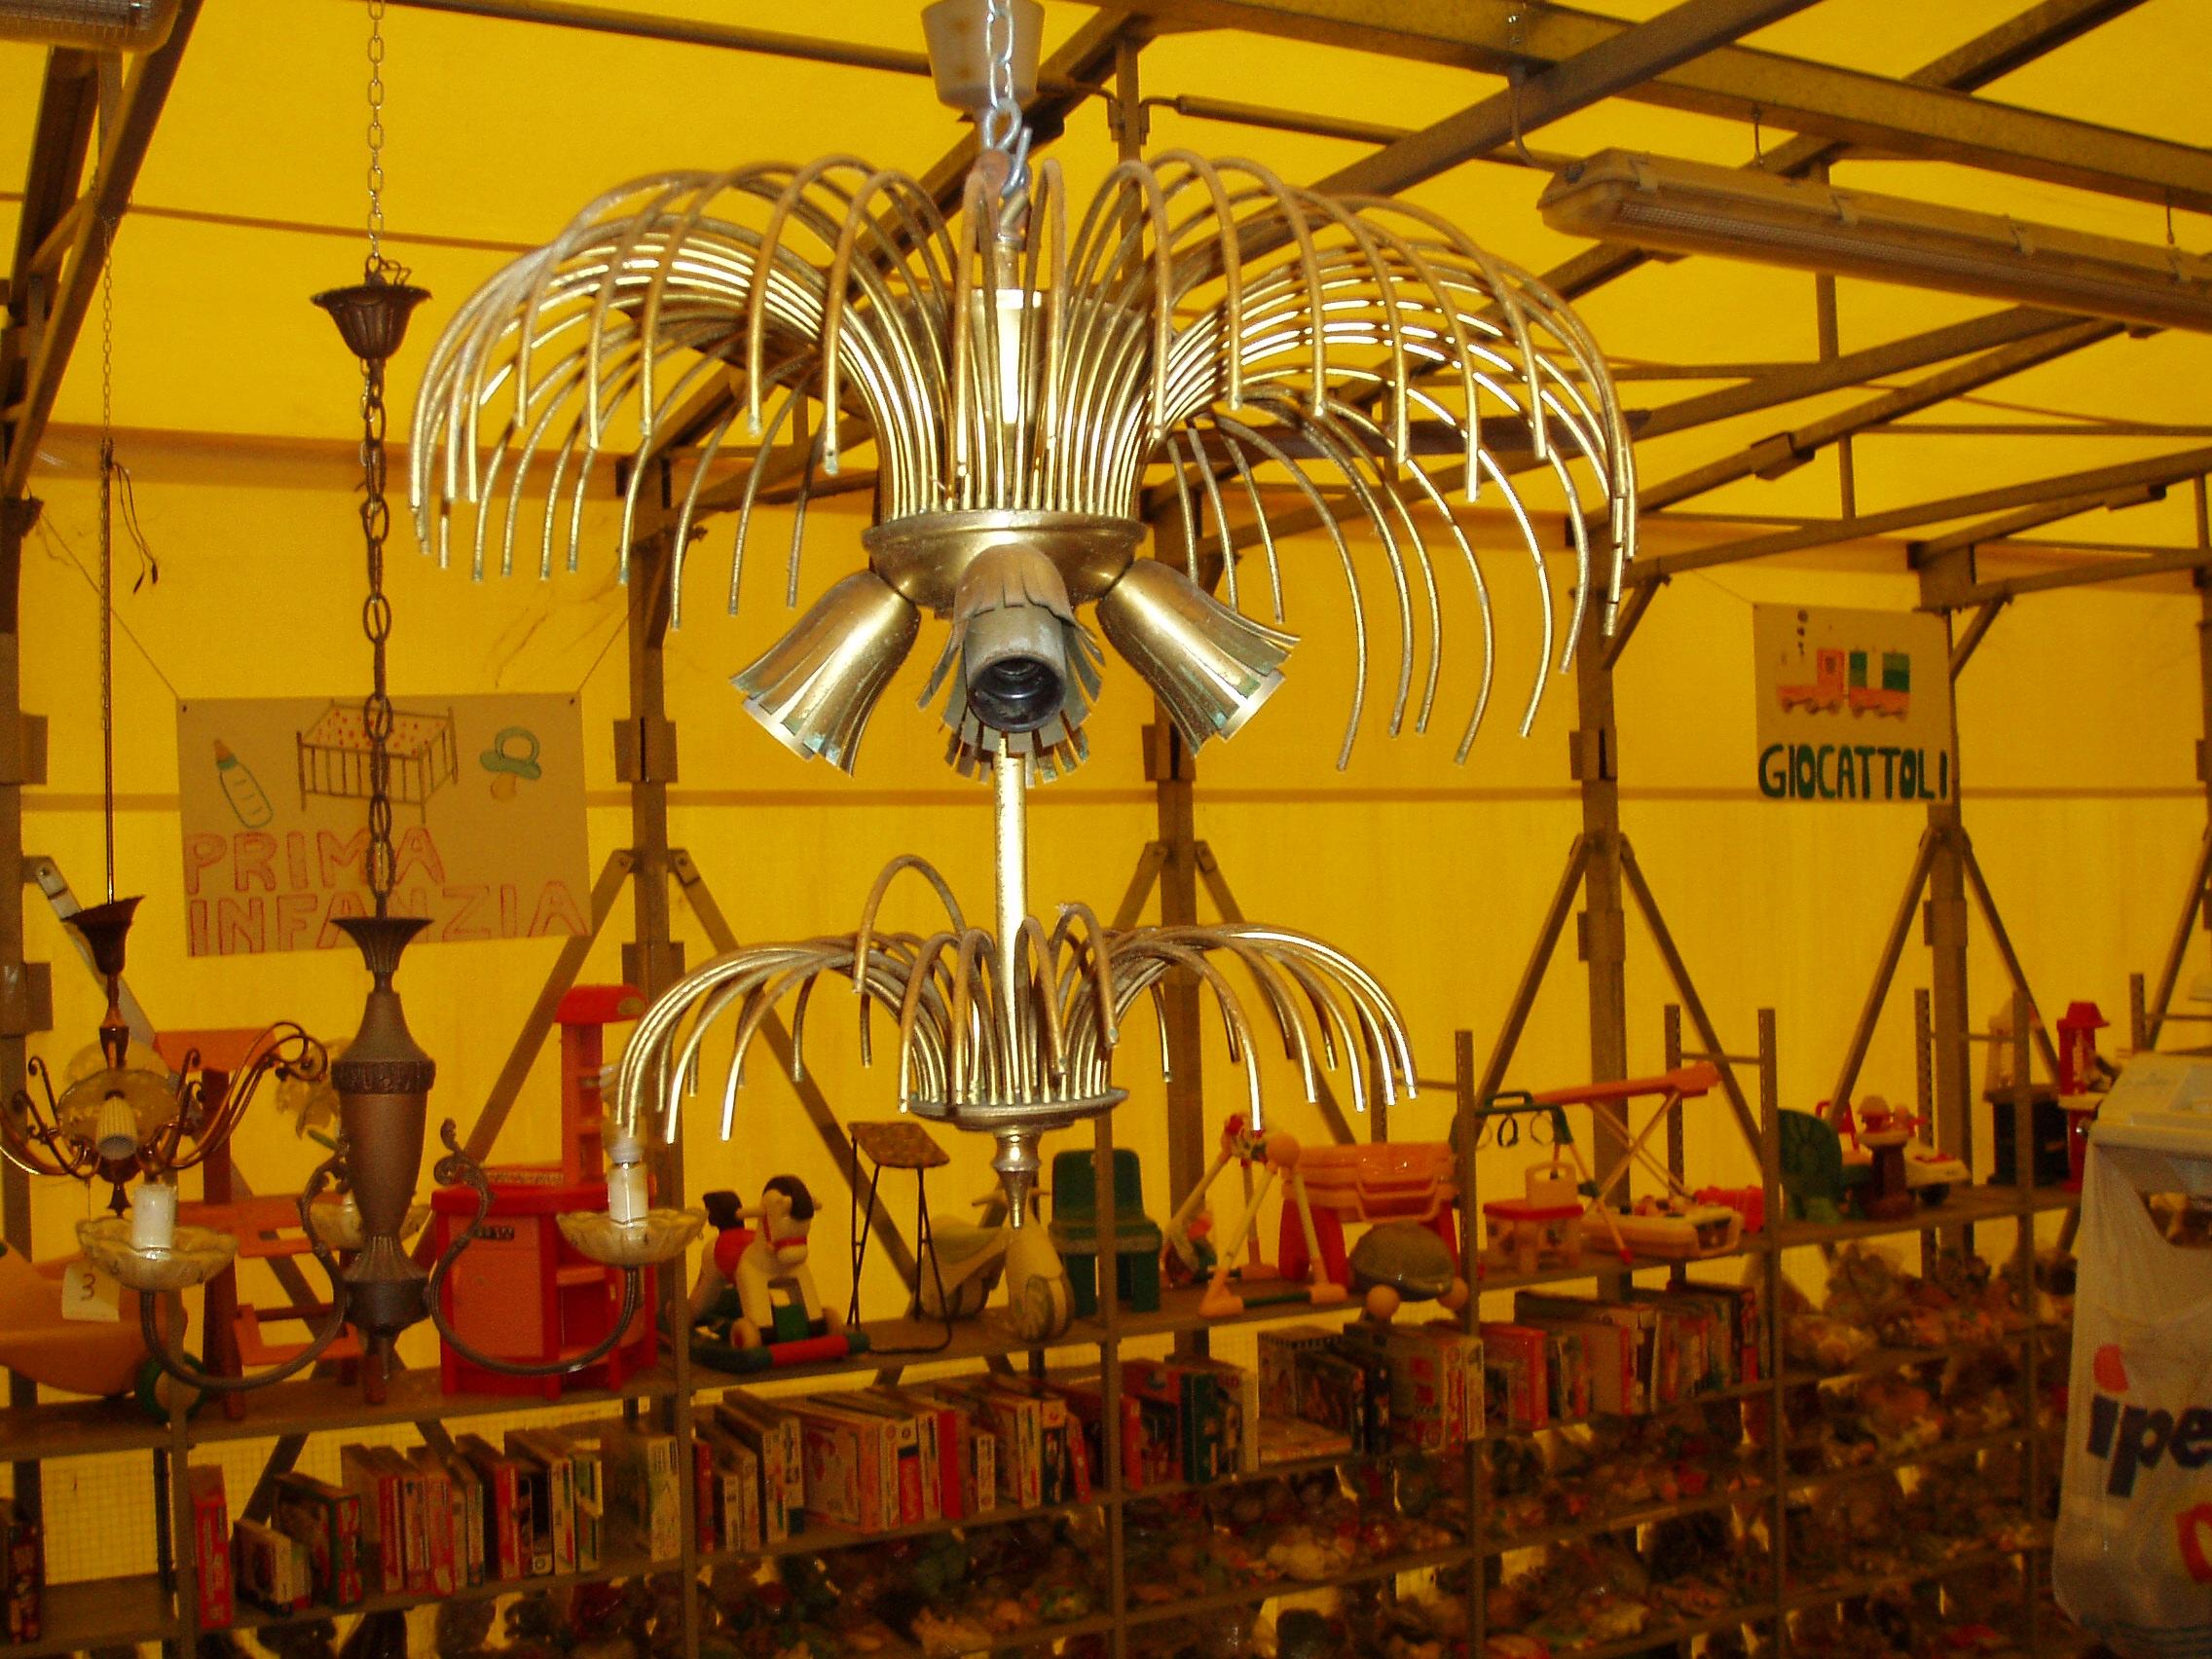 Usato lampadari monza e brianza il tendone solidale for Mercatino usato monza